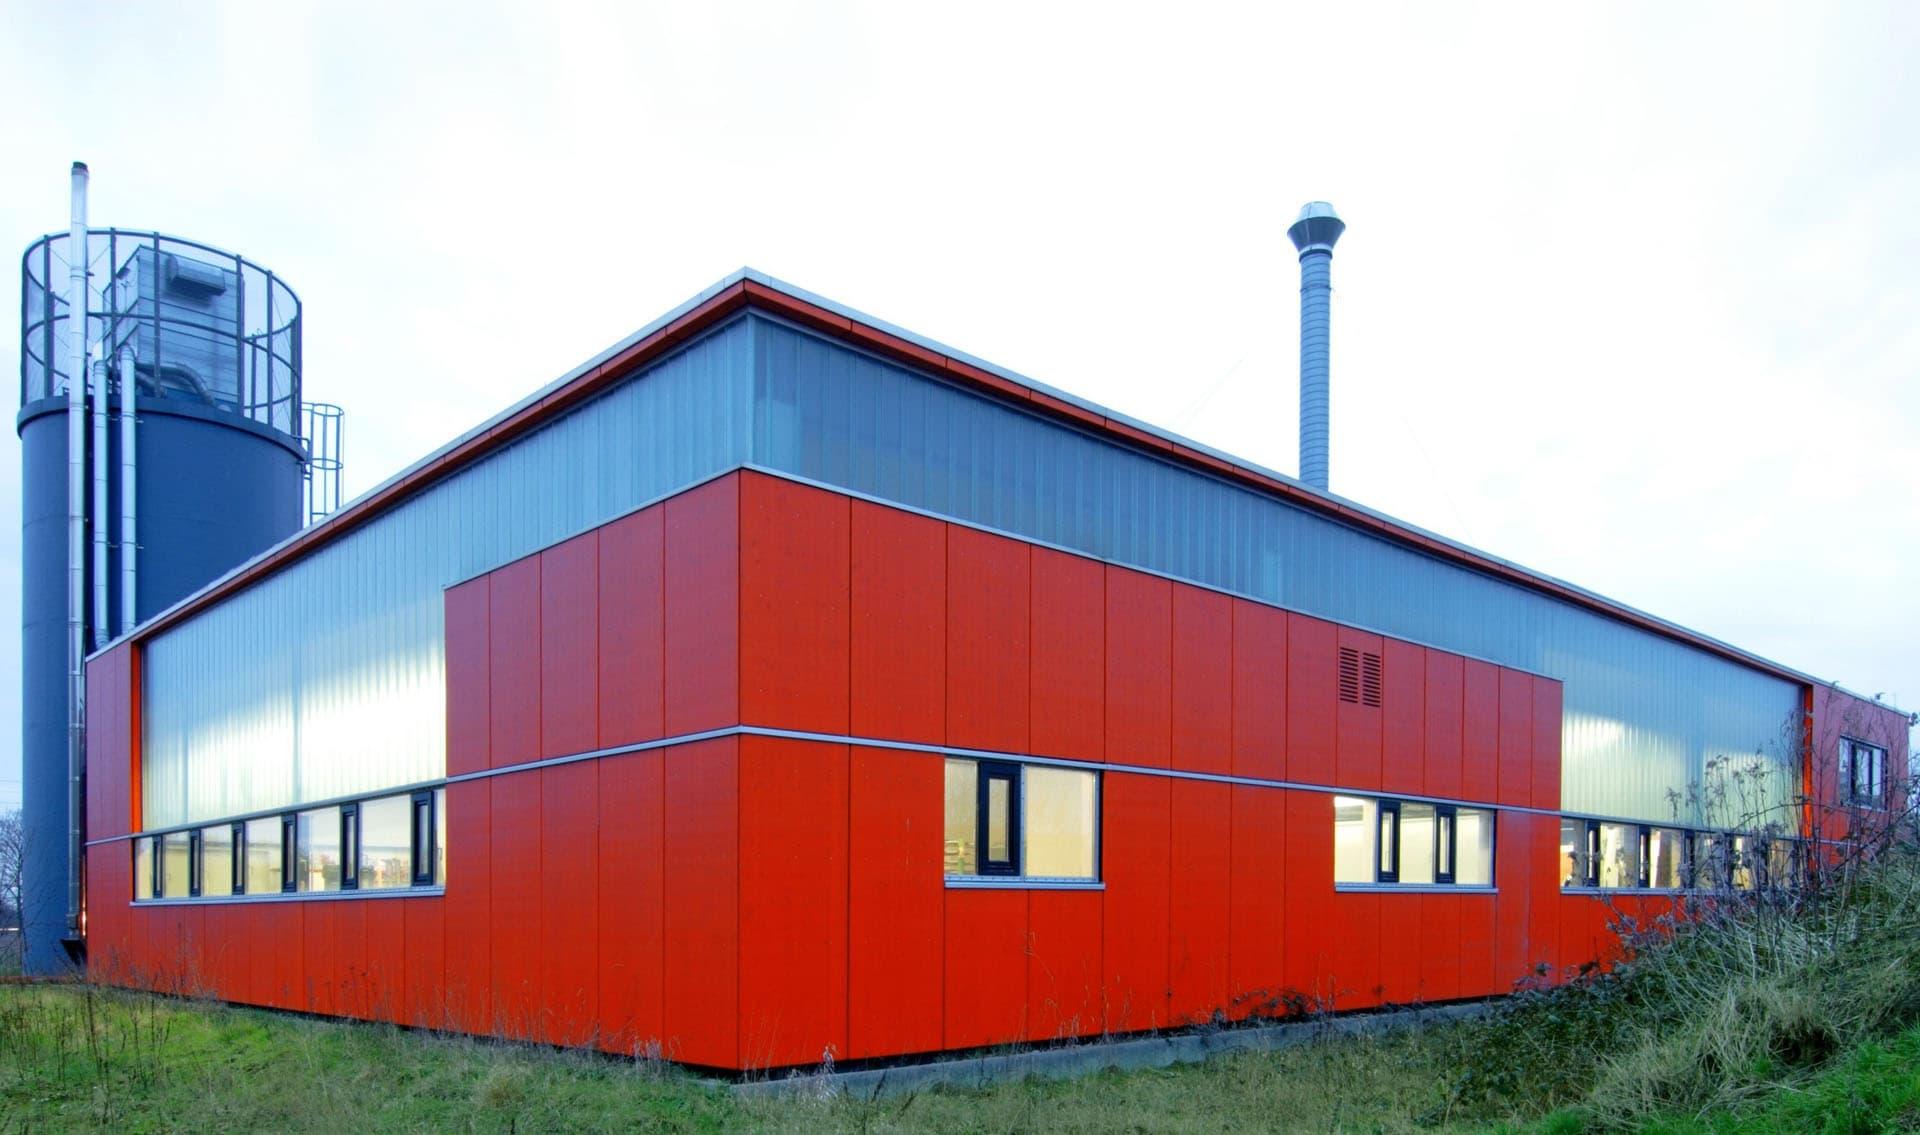 Tischlerei friedering bhp architekten generalplaner gmbh br chner h ttemann pasch in bielefeld - Bhp architekten ...